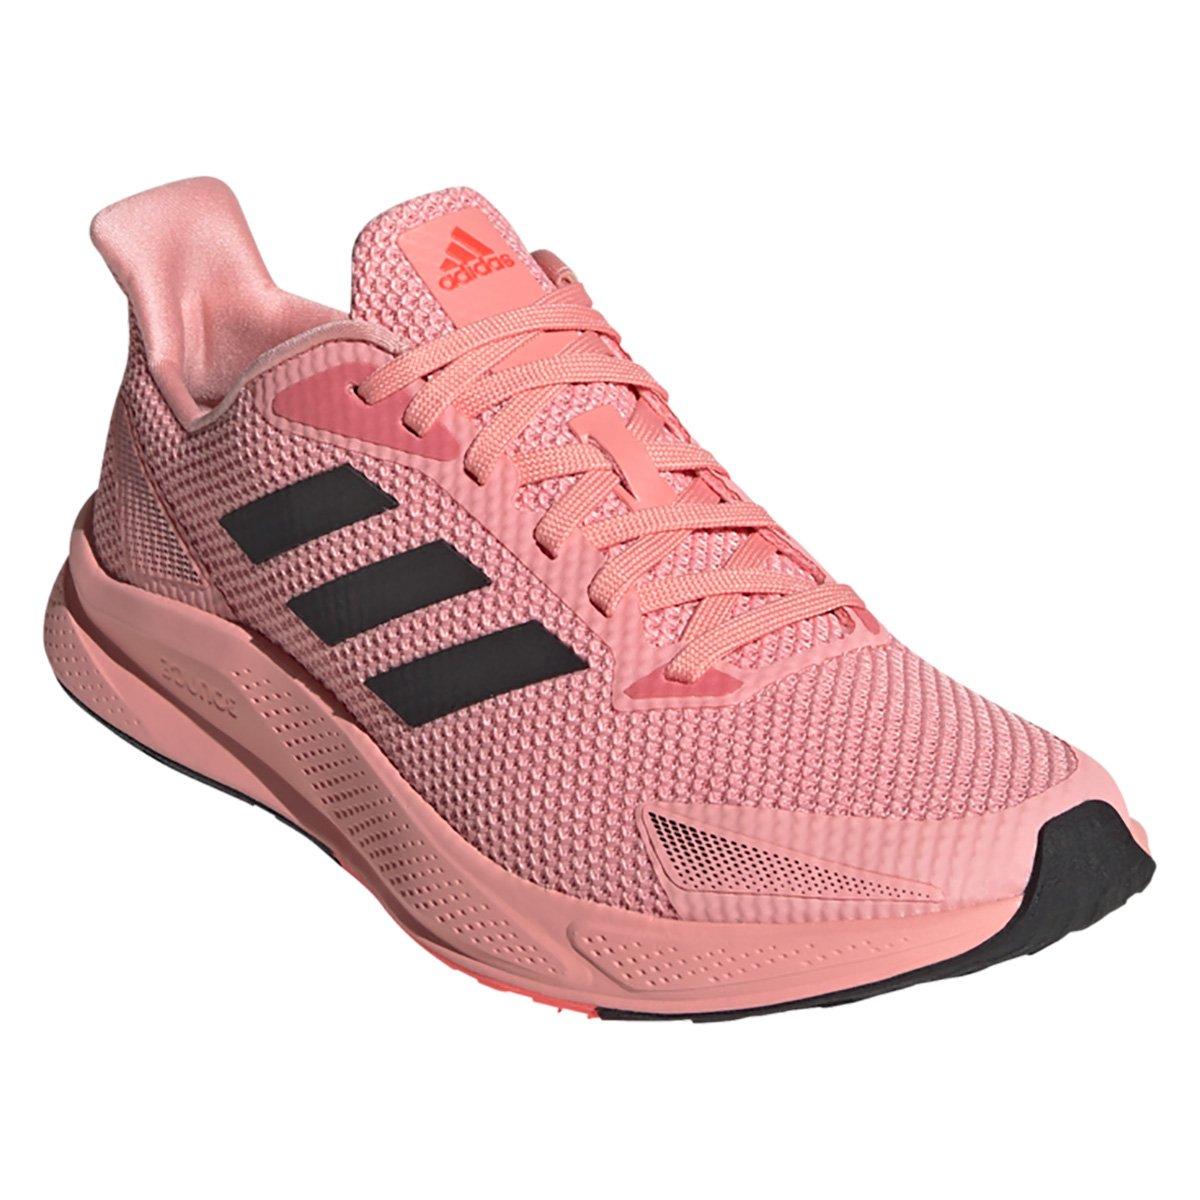 Tenis  Adidas Rosa Feminino X9000 L1